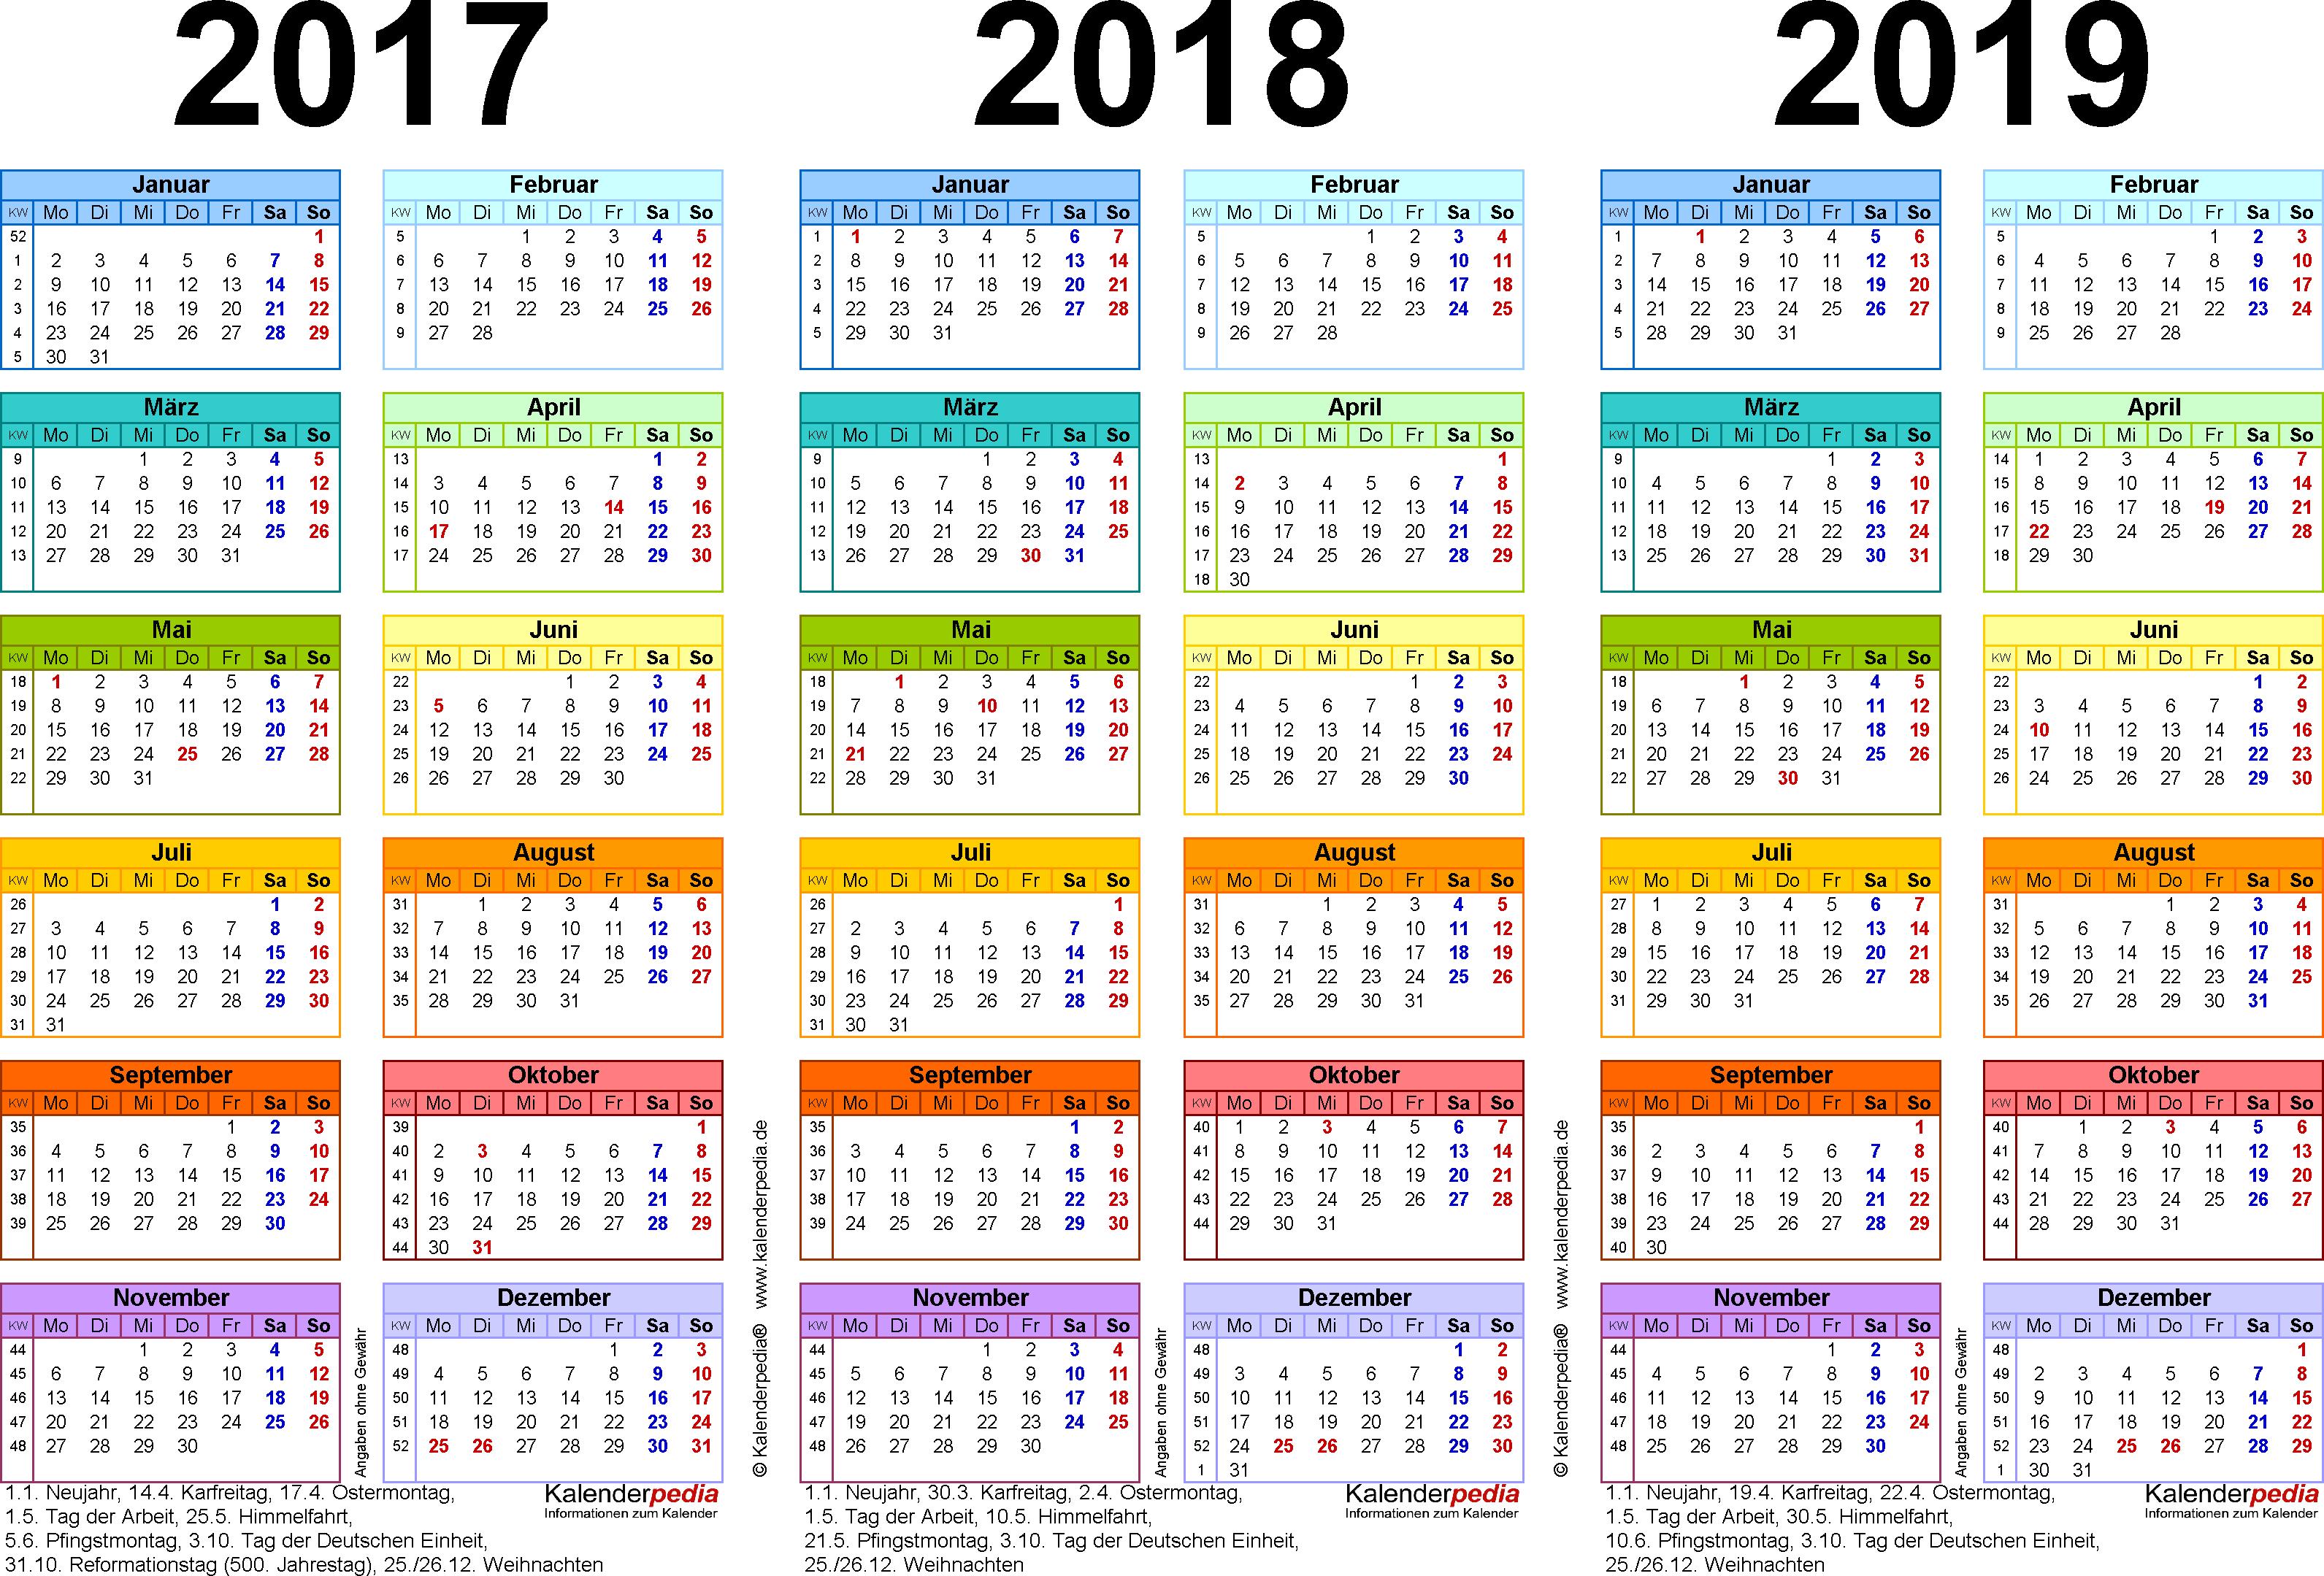 PDF-Vorlage für Dreijahreskalender 2017-2019 (Querformat, 1 Seite, in Farbe)